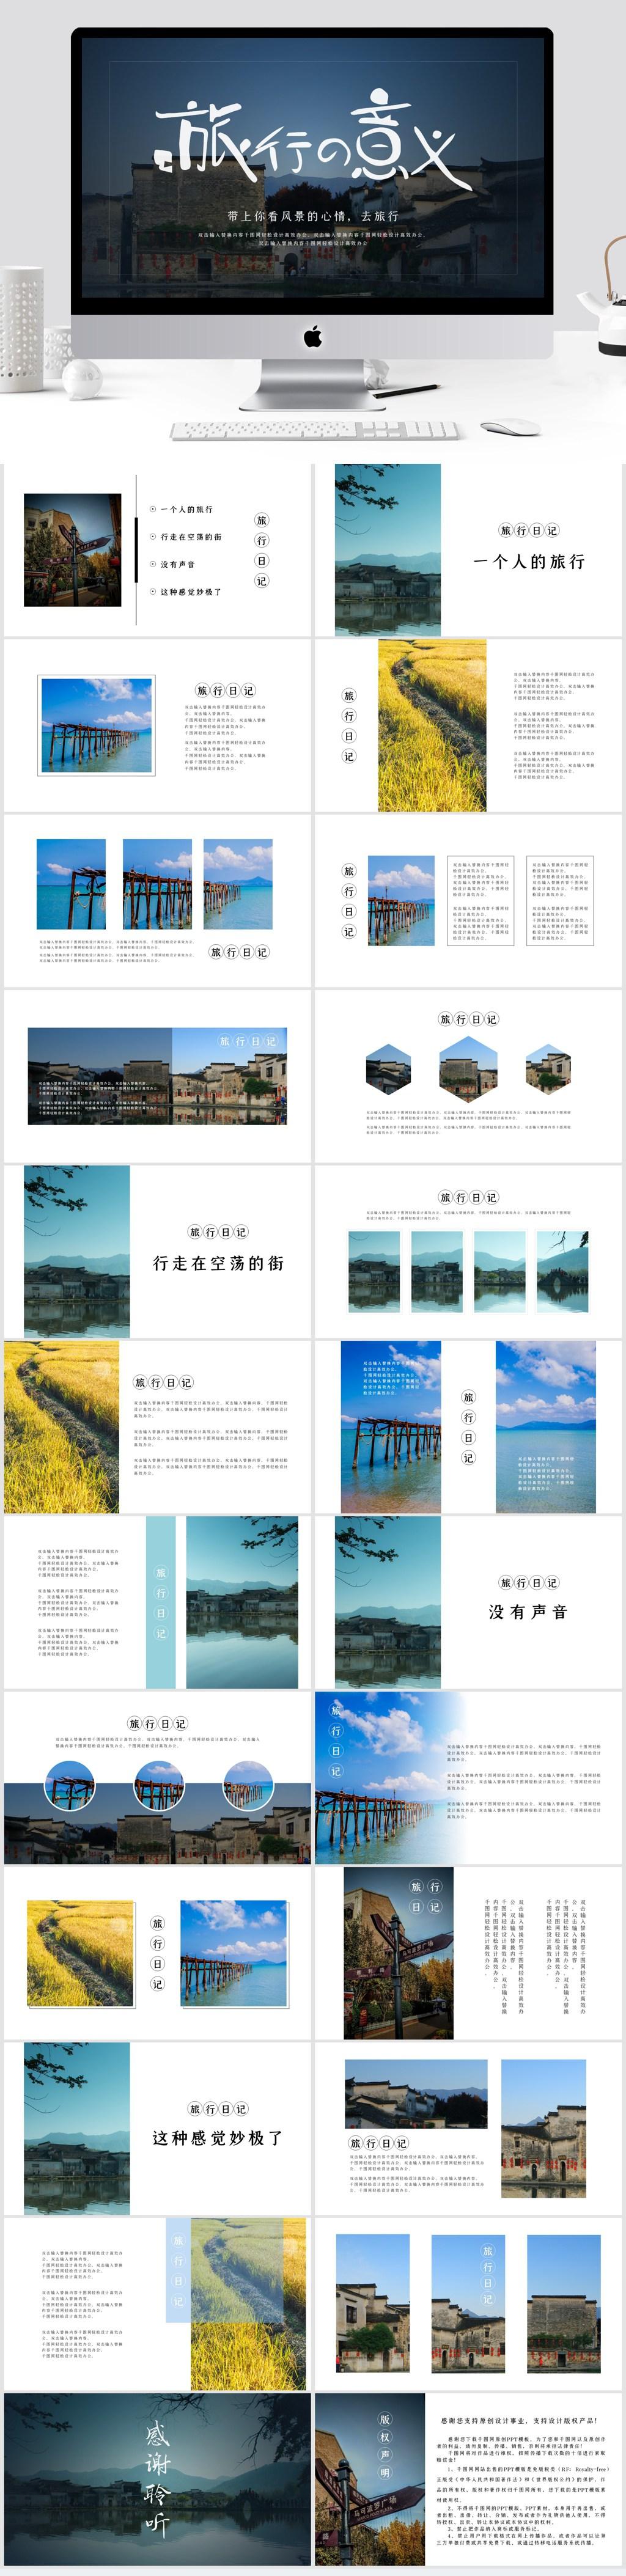 旅行照片图片画册PPT模板